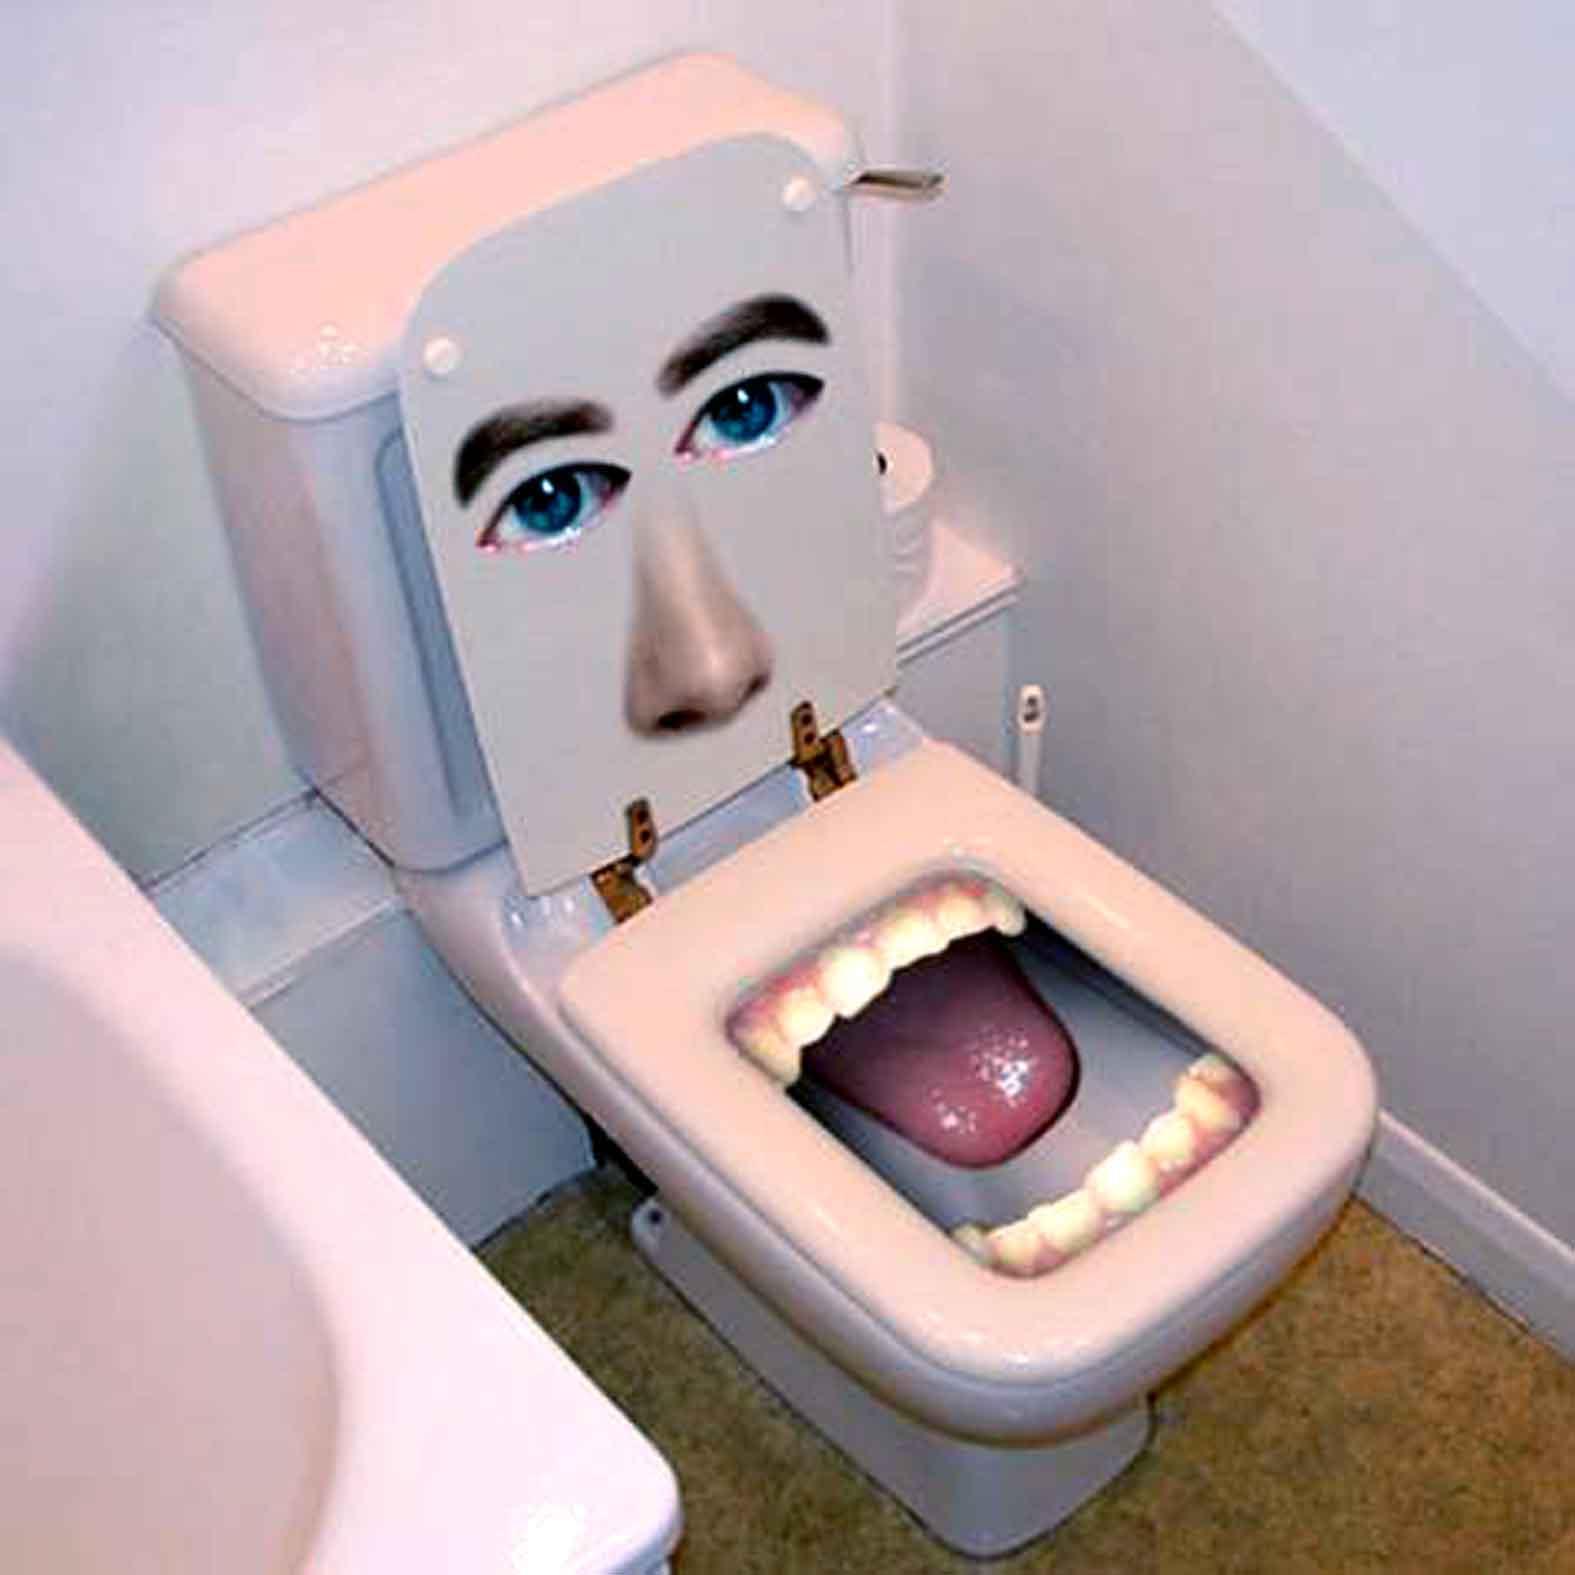 Сама себя в туалете палкой 16 фотография